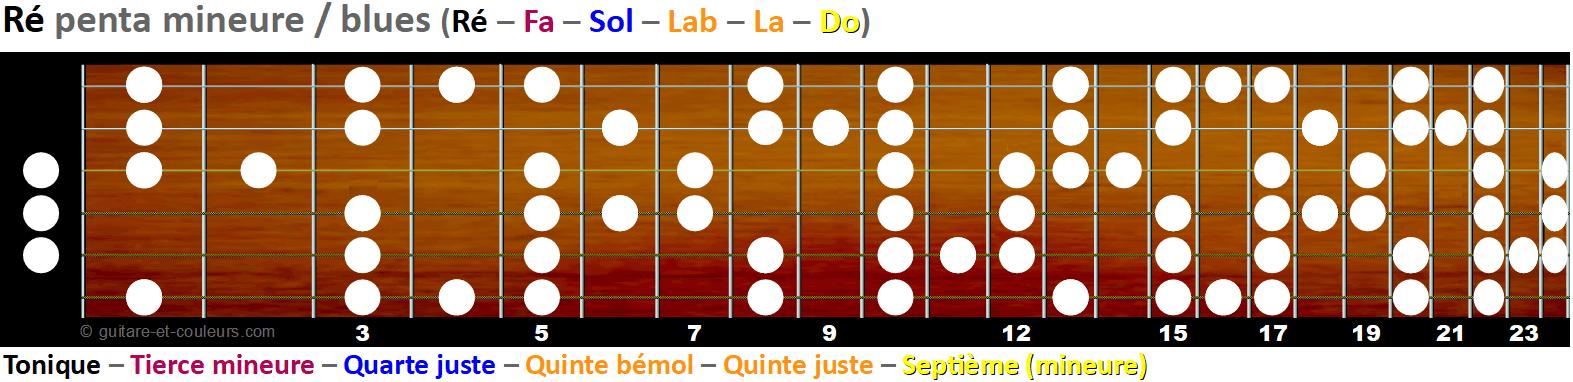 La gamme pentatonique mineure et blues sur le manche - Tonalité D